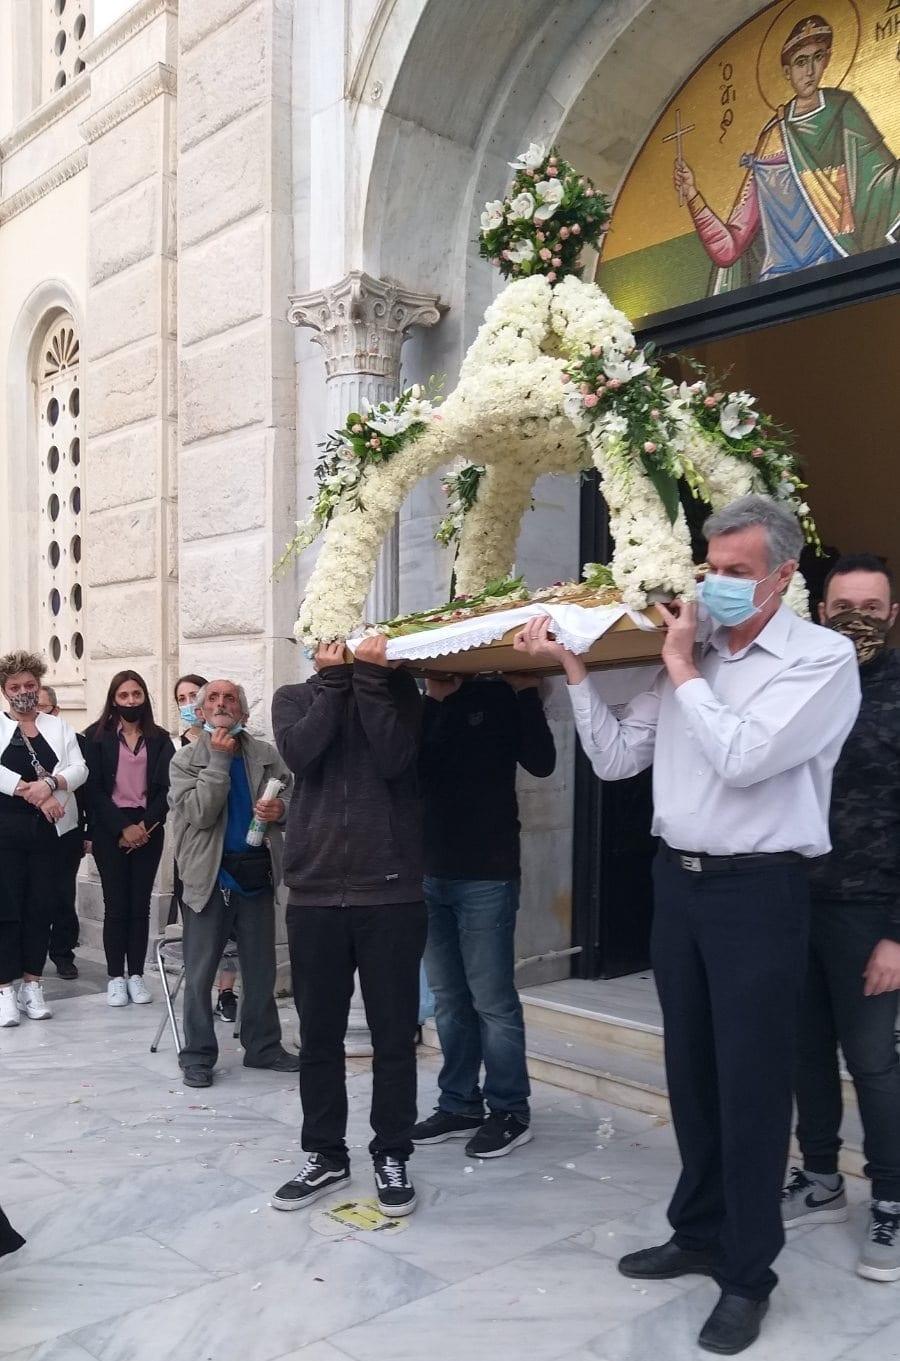 Η Μεγάλη Πέμπτη στη Ιερά Μητρόπολη Χαλκίδος - Η περιφορά του επιταφίου, Μεγάλη Πέμπτη και Μγάλη Παρασκευή στη Ιερά Μητρόπολη Χαλκίδος, Eviathema.gr | ΕΥΒΟΙΑ ΝΕΑ - Νέα και ειδήσεις από όλη την Εύβοια